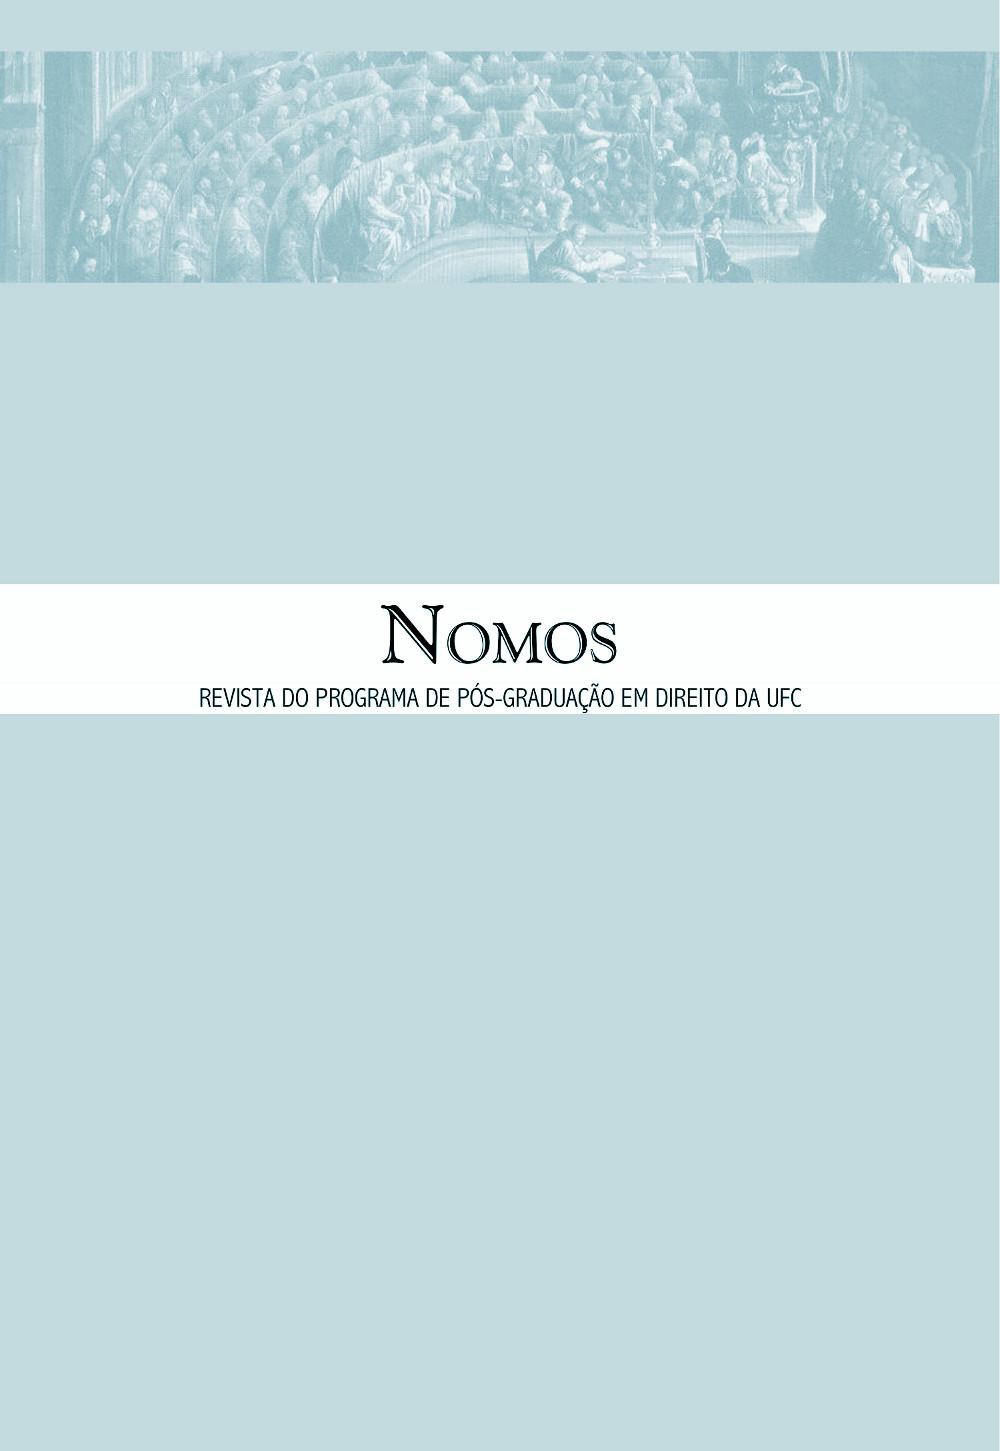 Nomos, volume 33, número 1, janeiro a junho de 2013